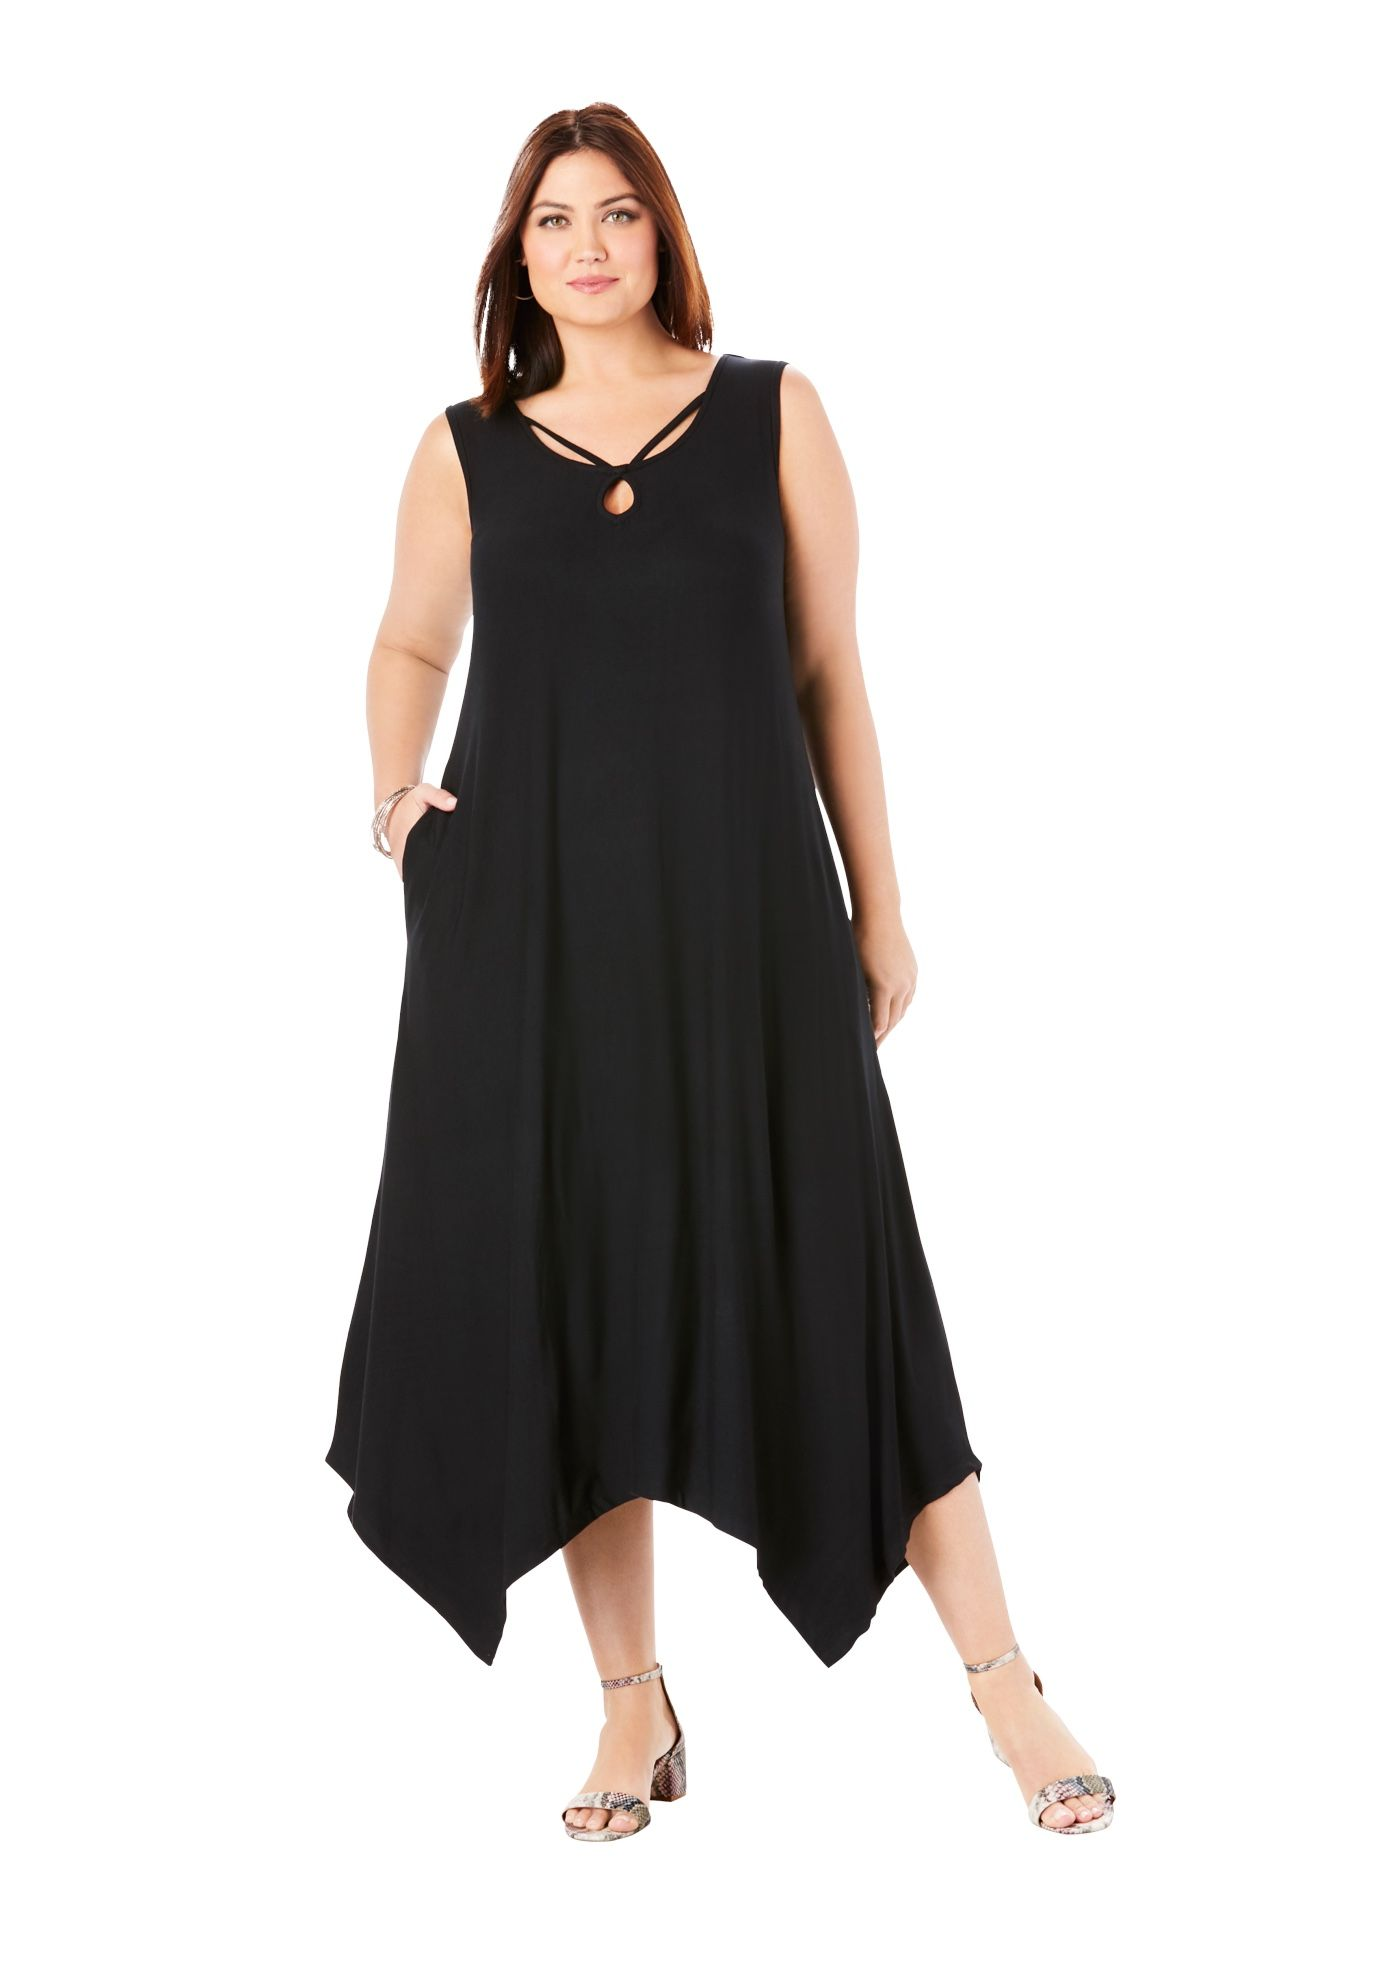 Jessica London Jessica London Women S Plus Size Knit Maxi Dress Walmart Com Maxi Knit Dress Dresses Flattering Dresses [ 1986 x 1380 Pixel ]